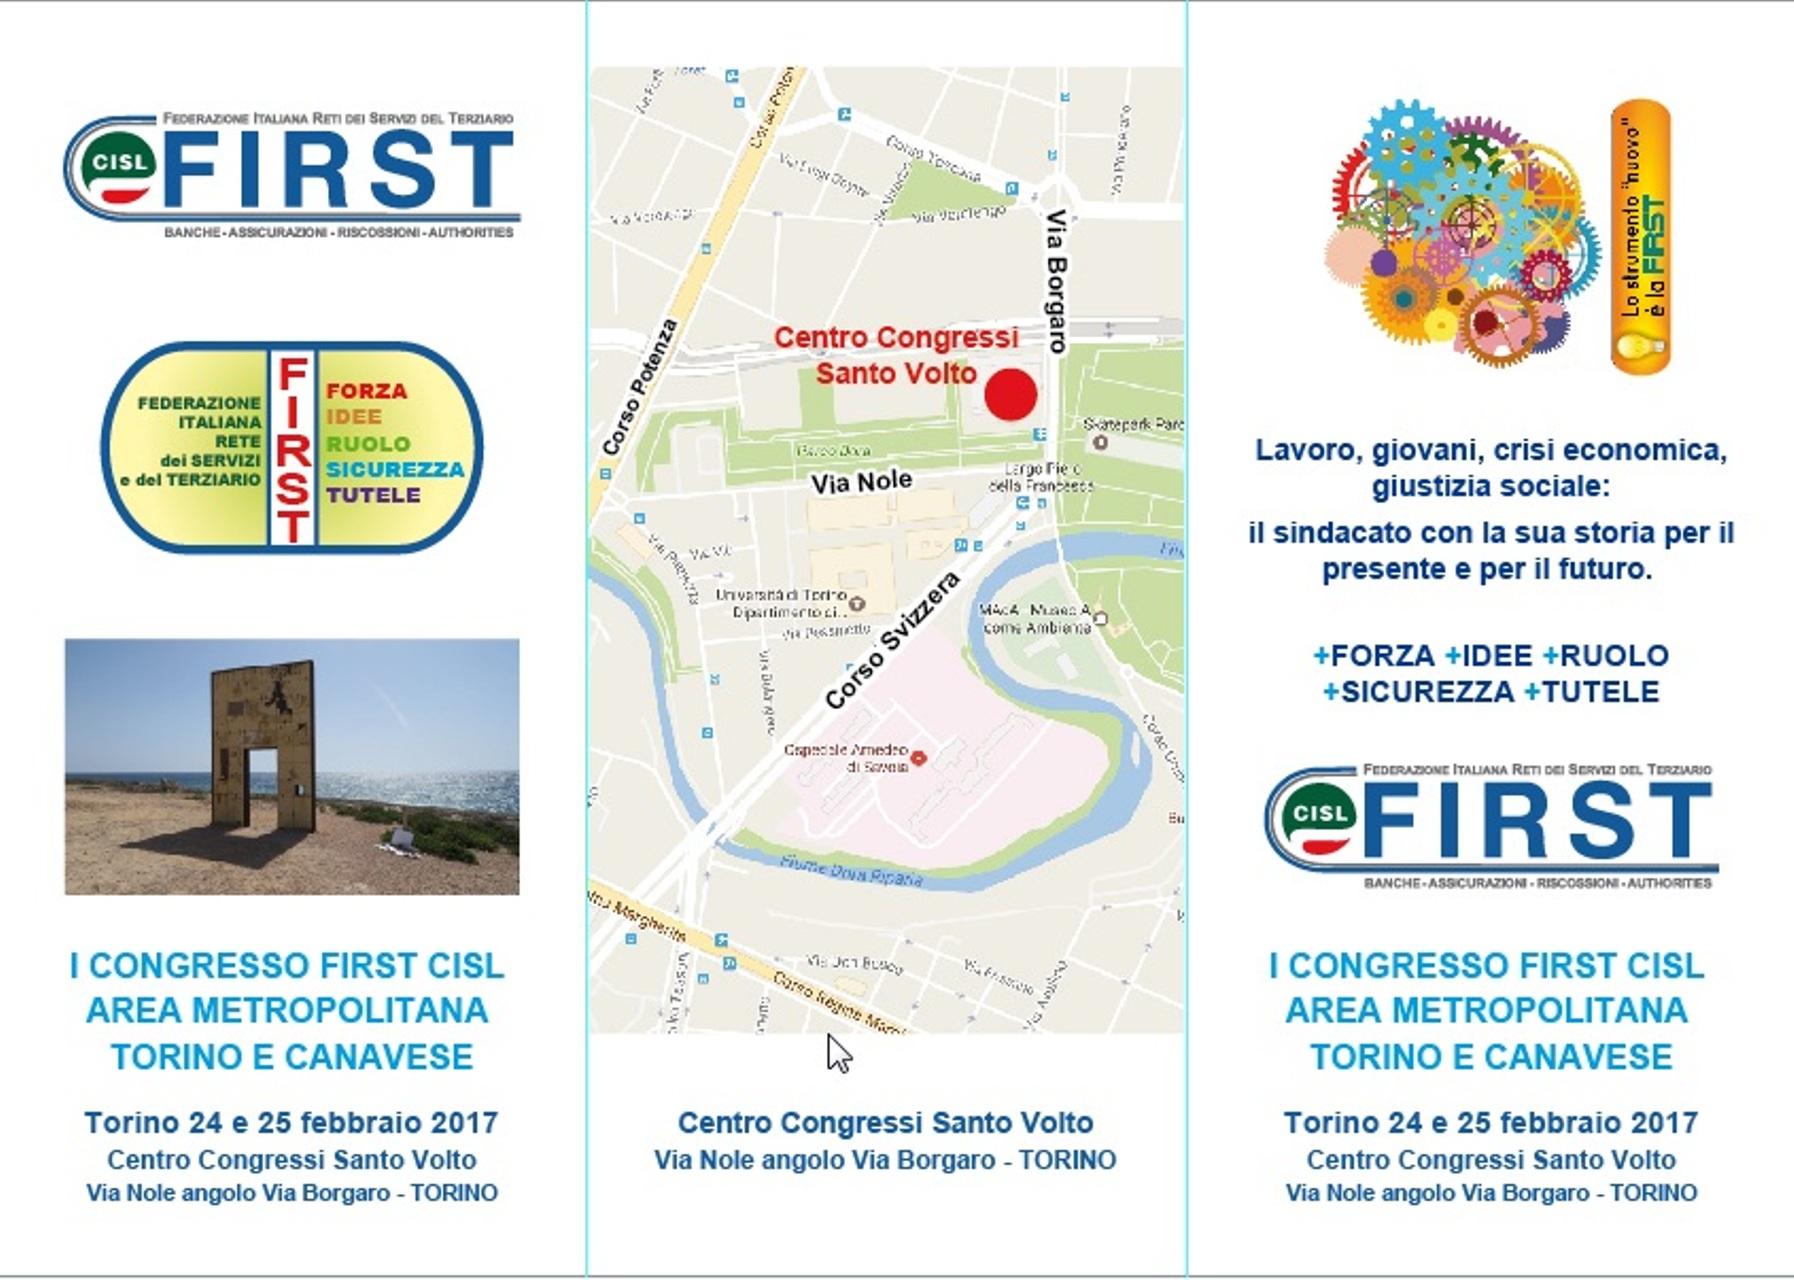 I Congresso First Cisl Area Metropolitana Torino Canavese